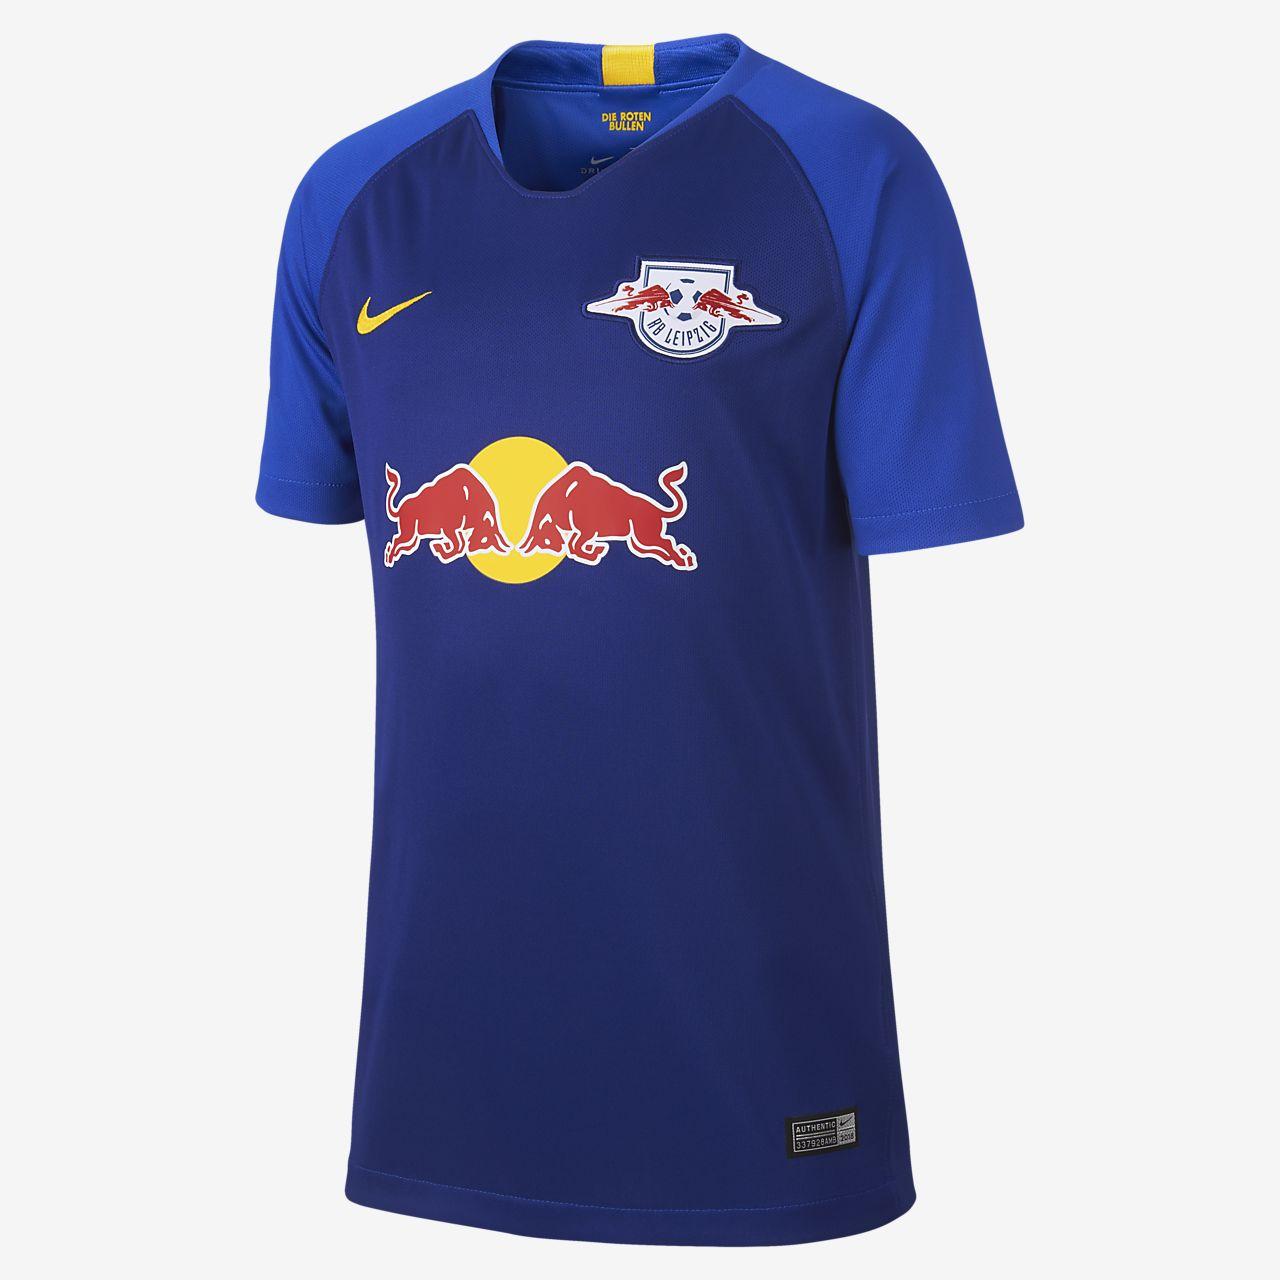 2018 19 RB Leipzig Stadium Away Camiseta de fútbol - Niño a. Nike.com ES e7b82c0b0fd4d